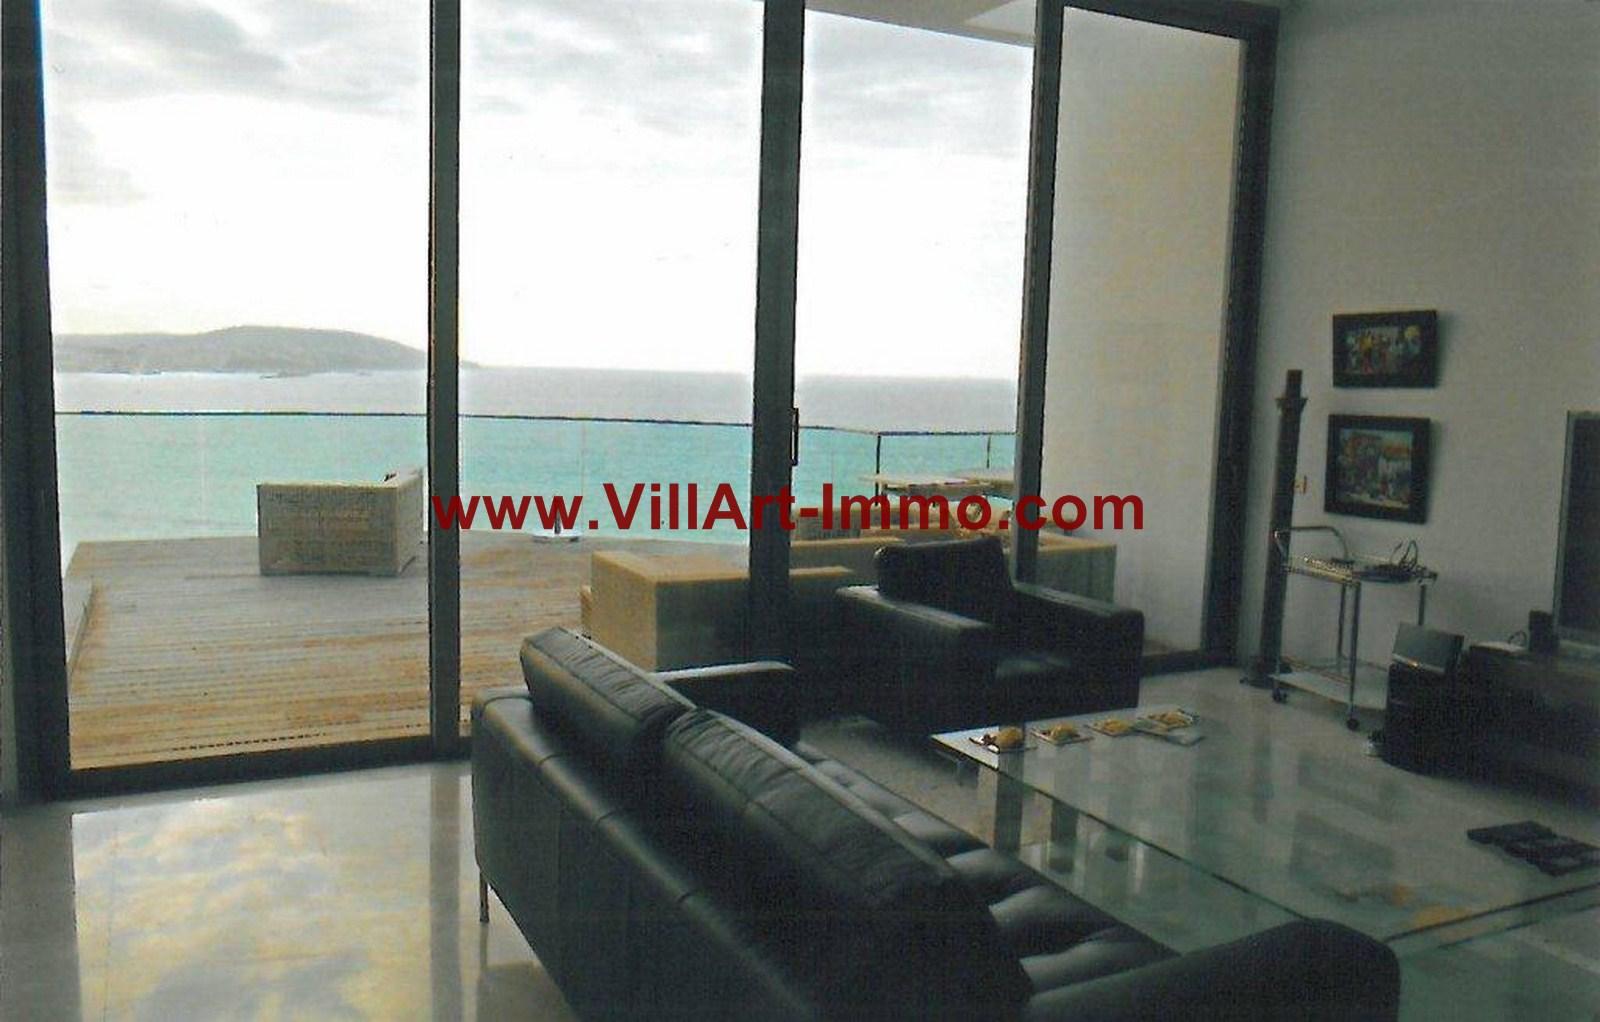 3-Location-Appartement-Meublé-Tanger-Salon 2-L749-Villart immo